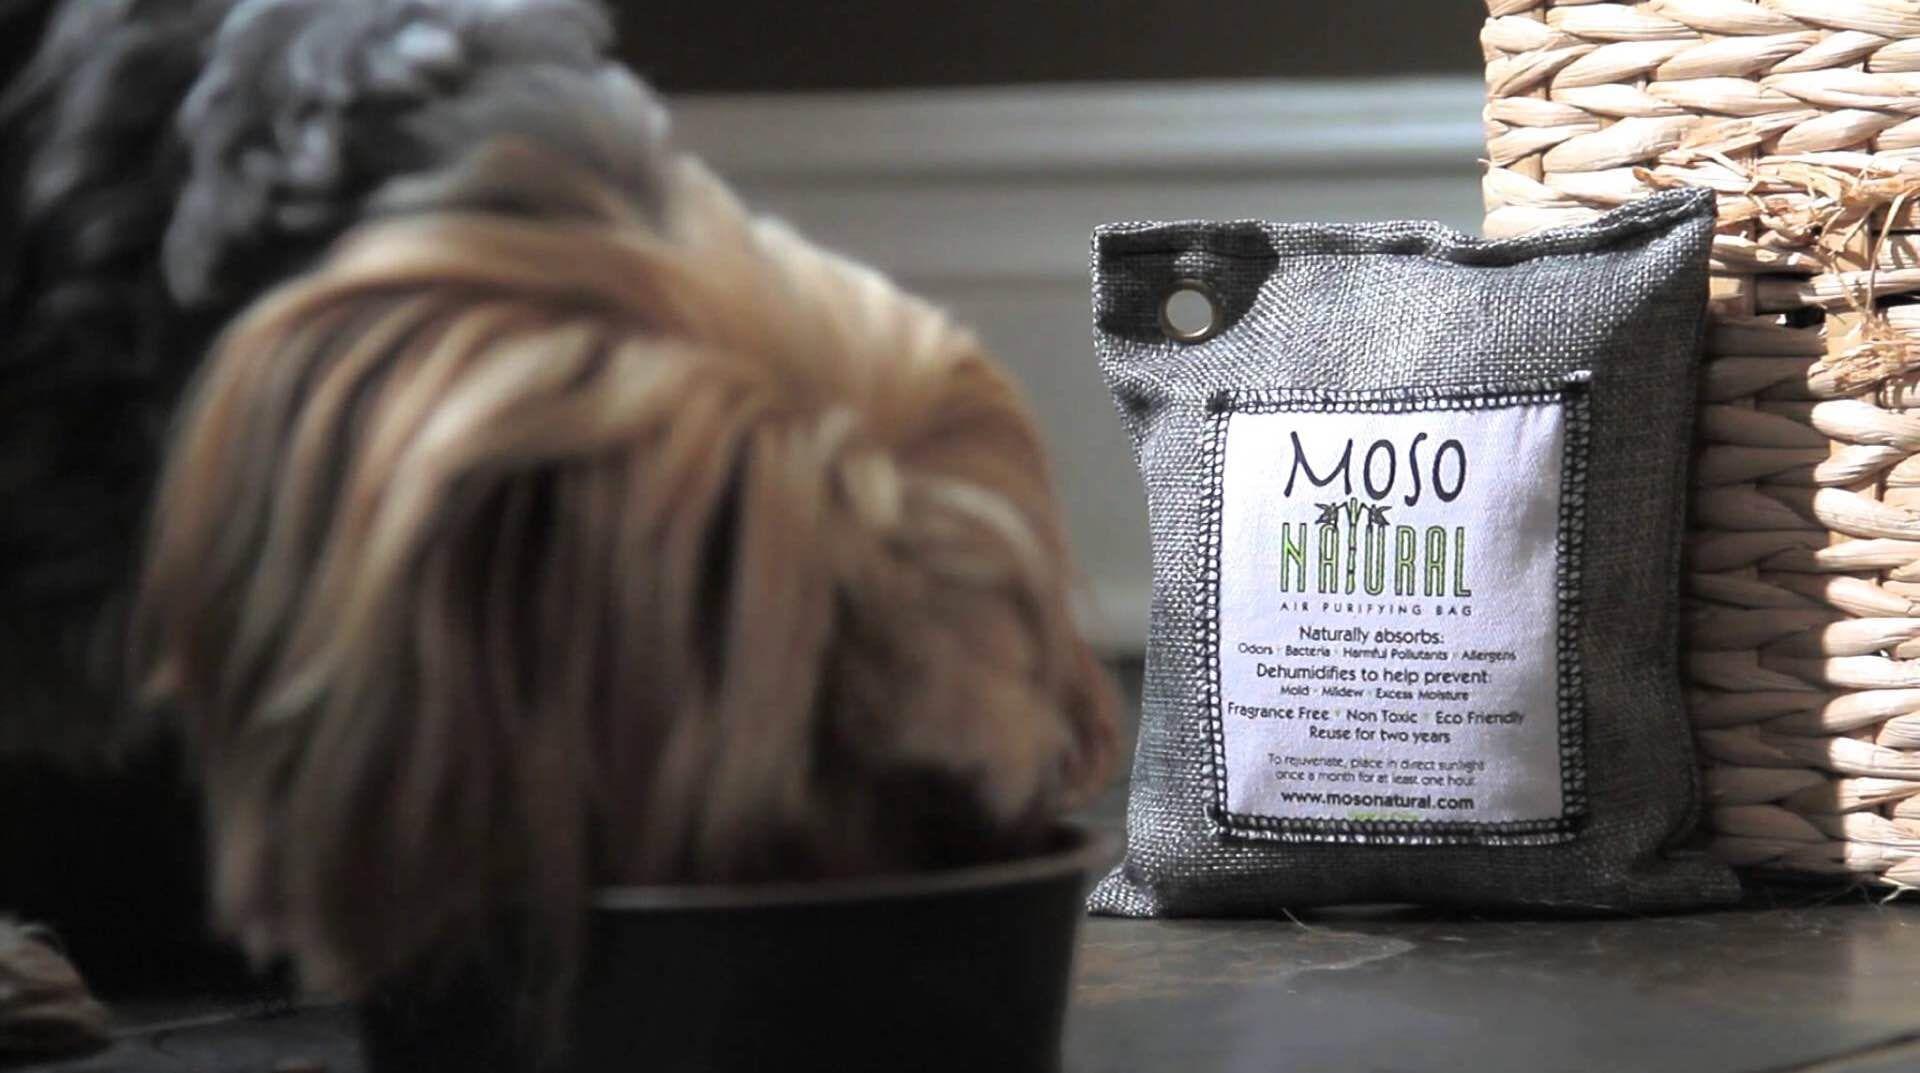 Moso Natural AirPurifying Bag Air purifying bag